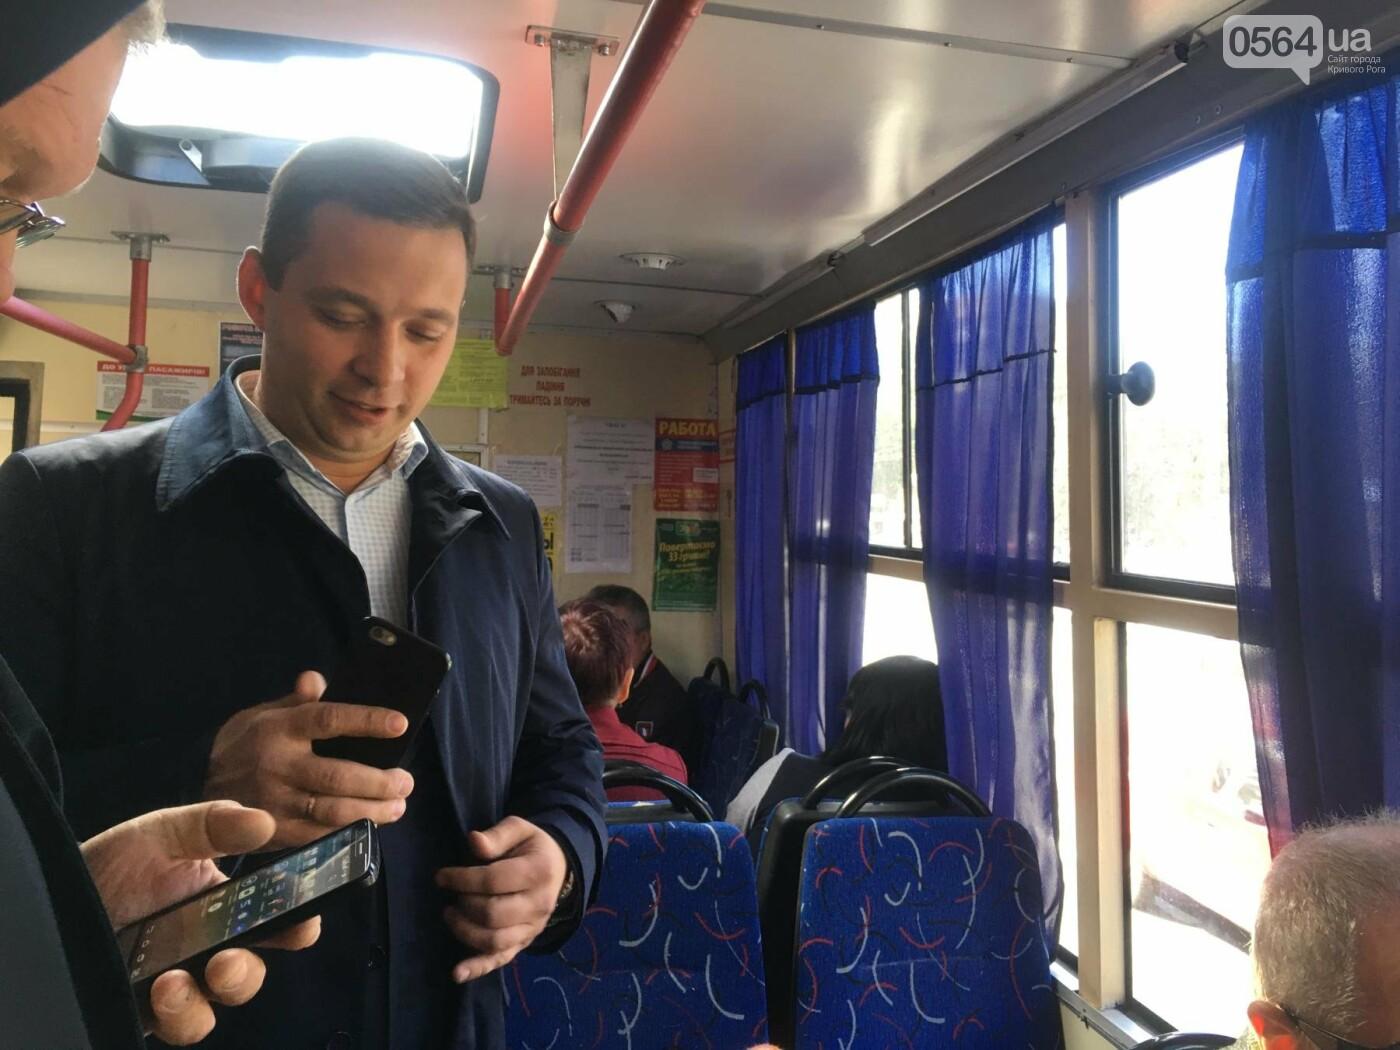 Криворожане могут не переживать, если забыли деньги: оплатить проезд можно с помощью QR-кода (ФОТО), фото-11